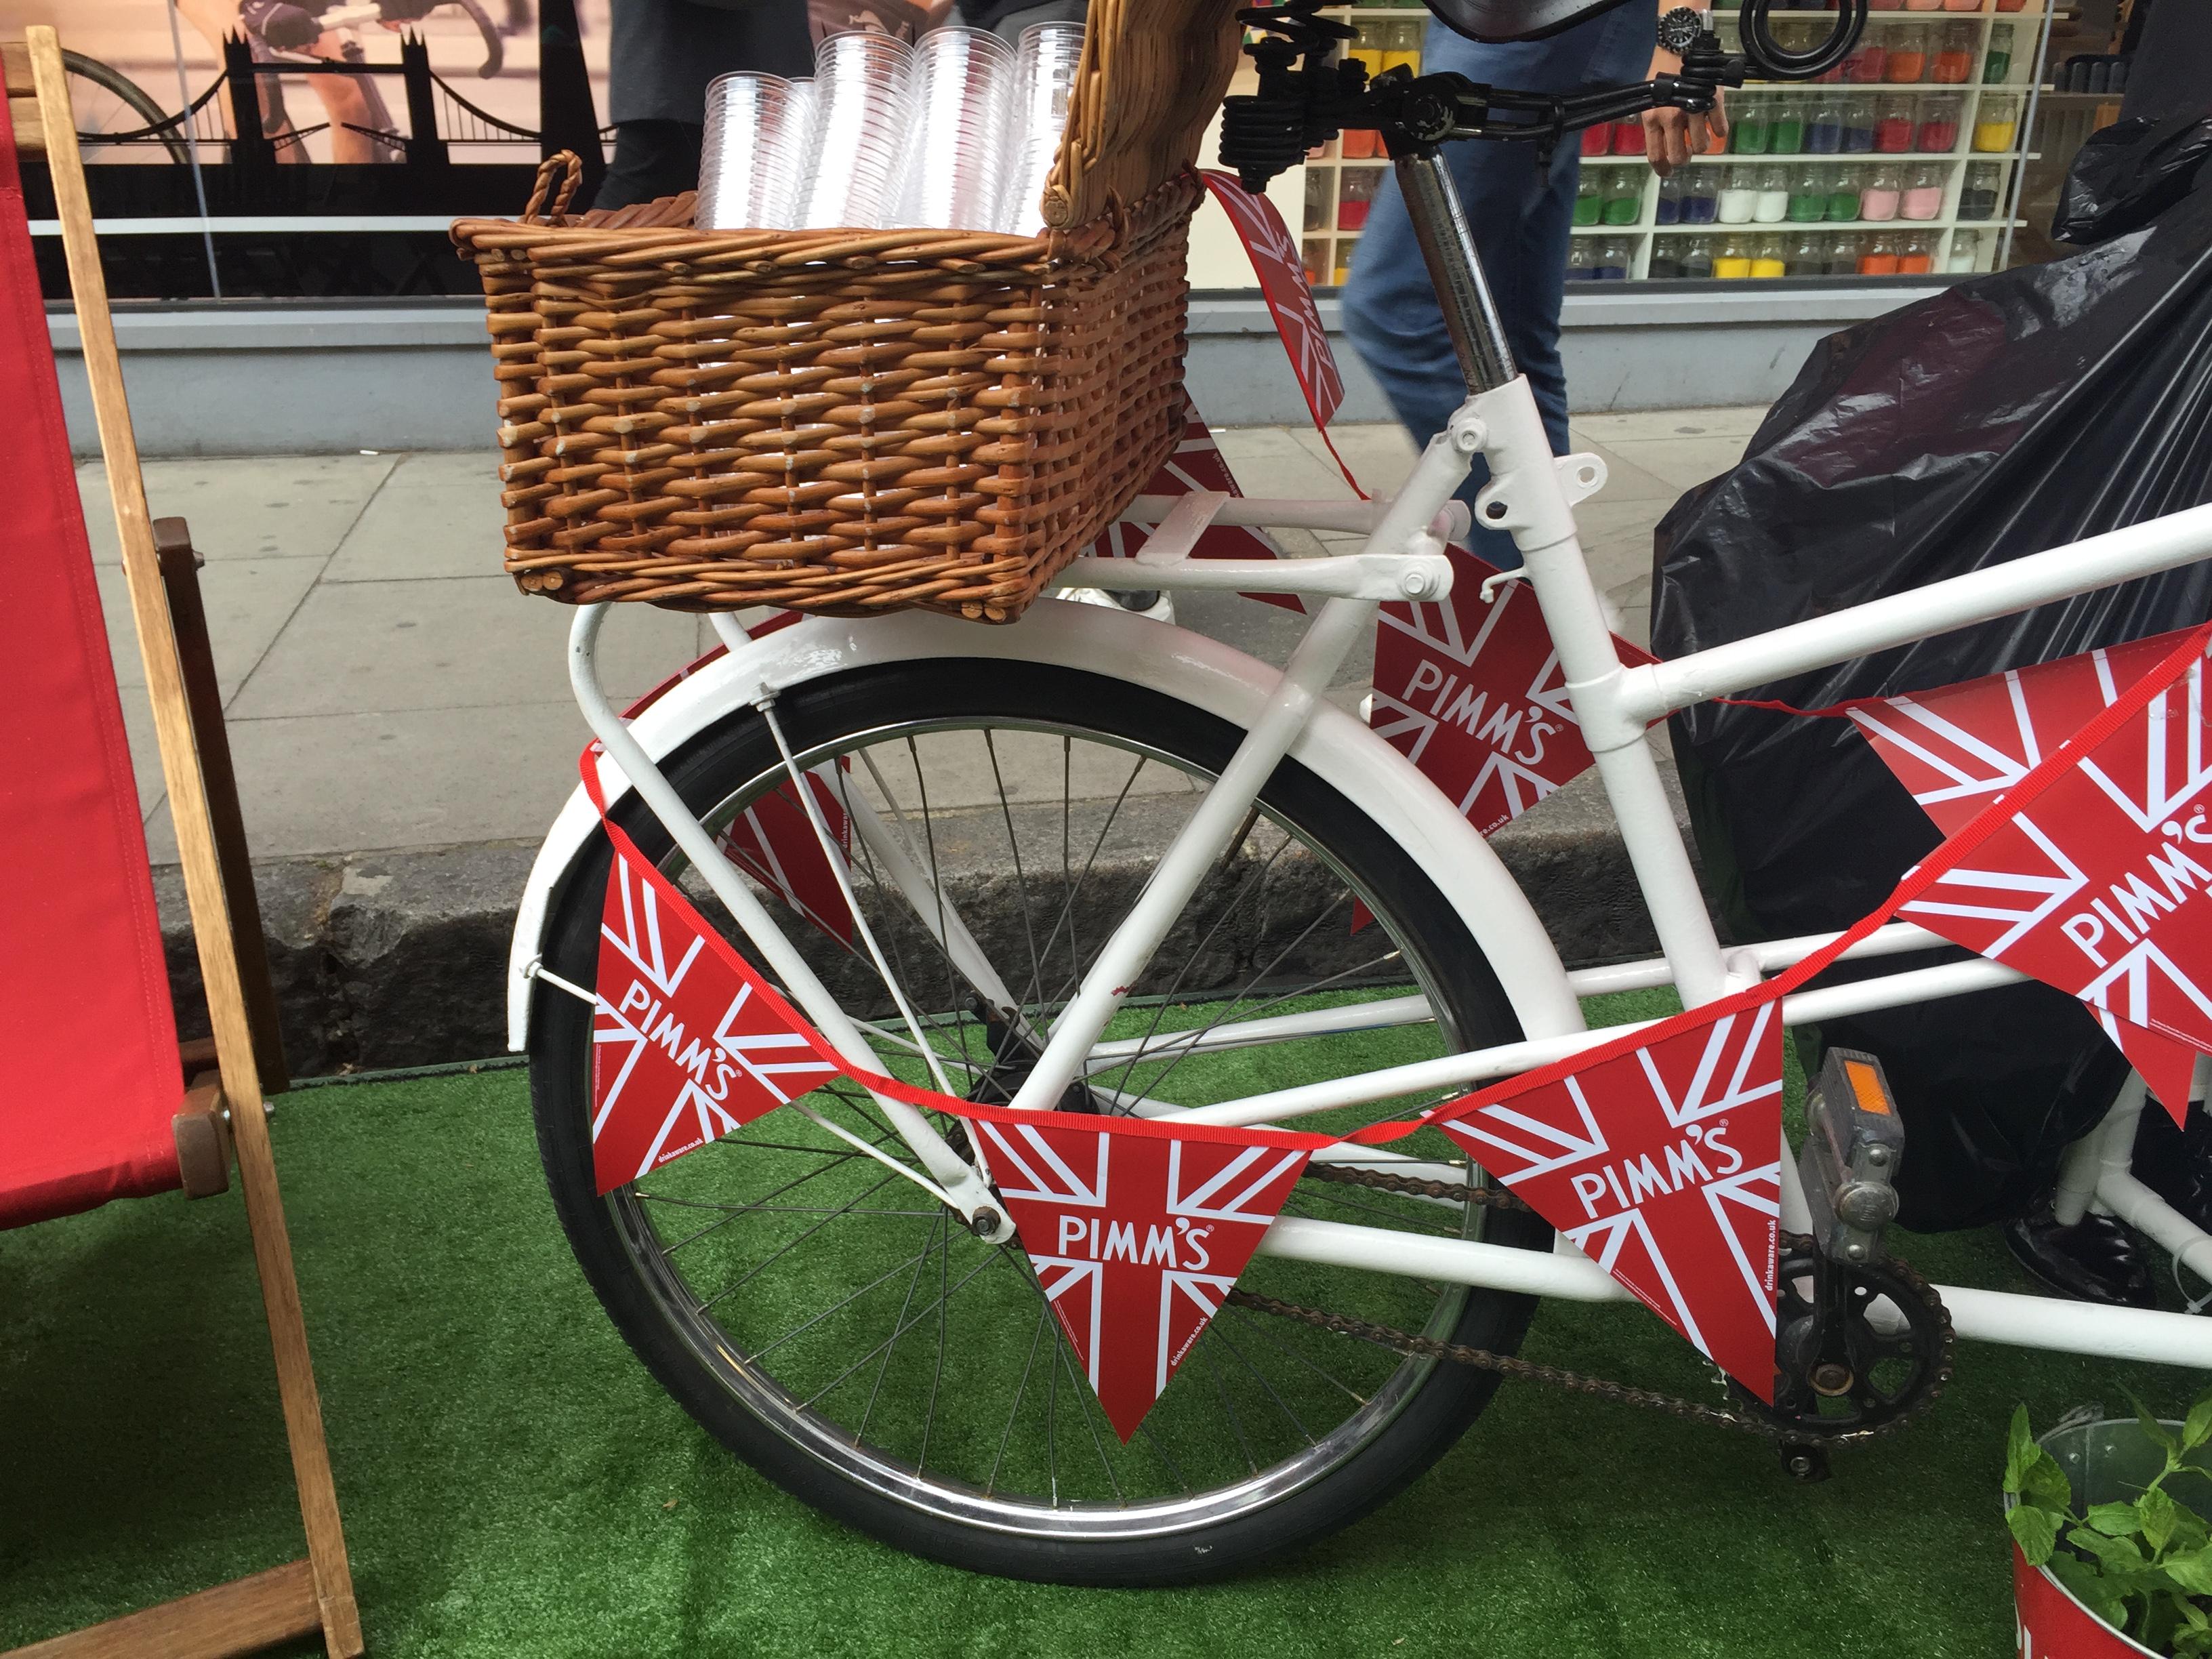 Pimms bike